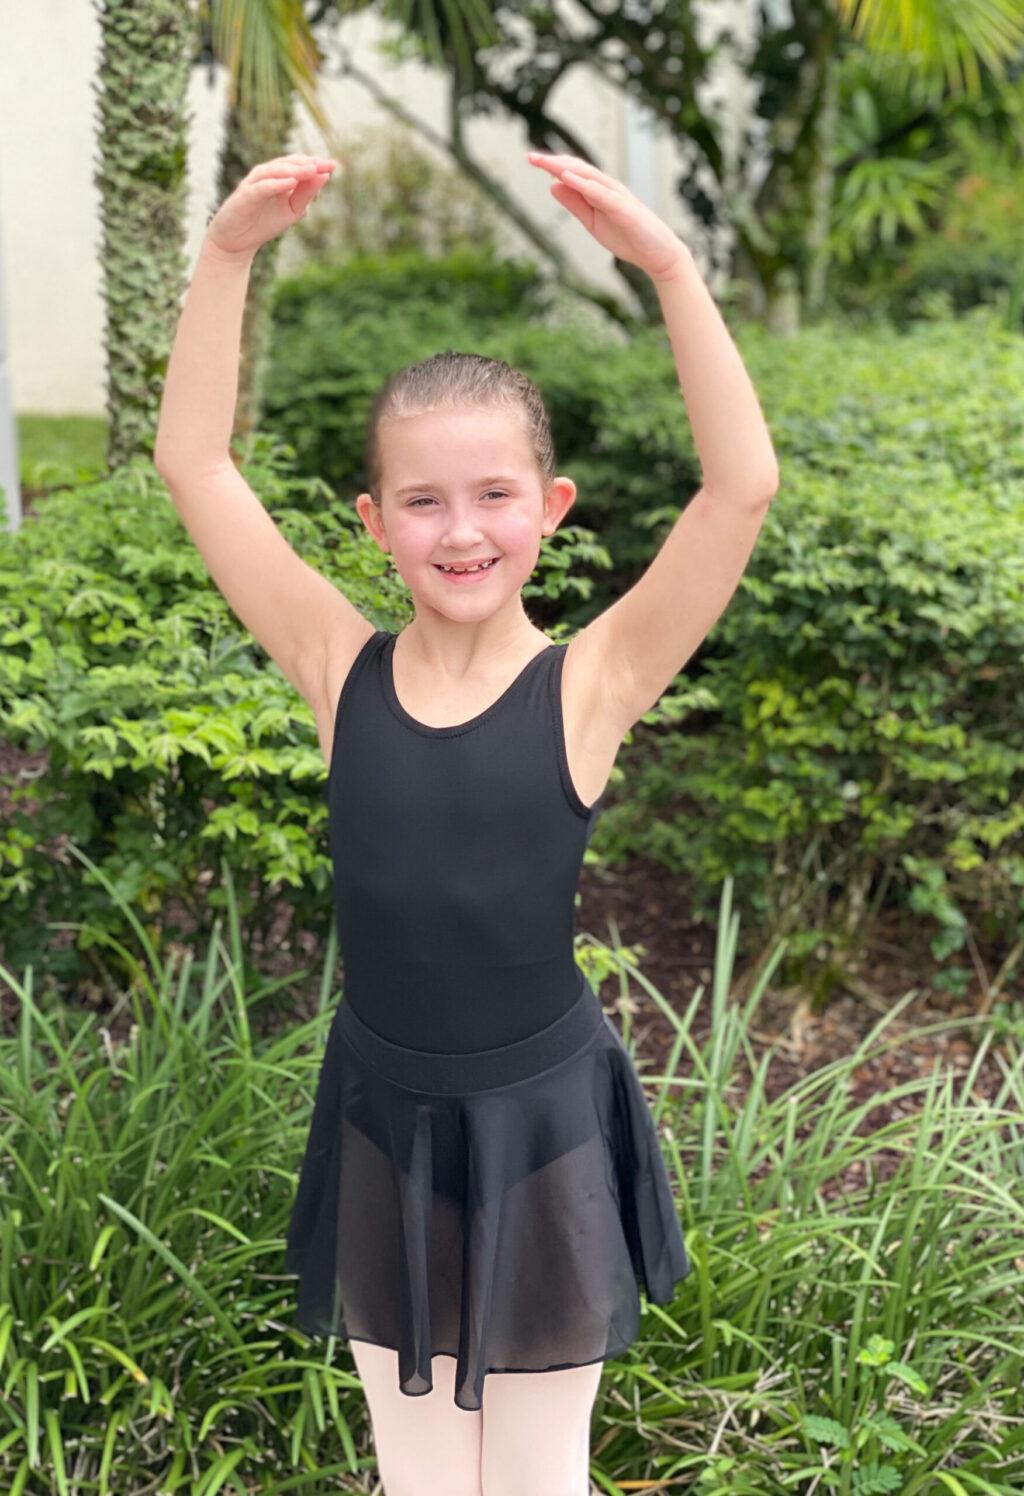 little girl in black leotard and black skirt in ballet pose